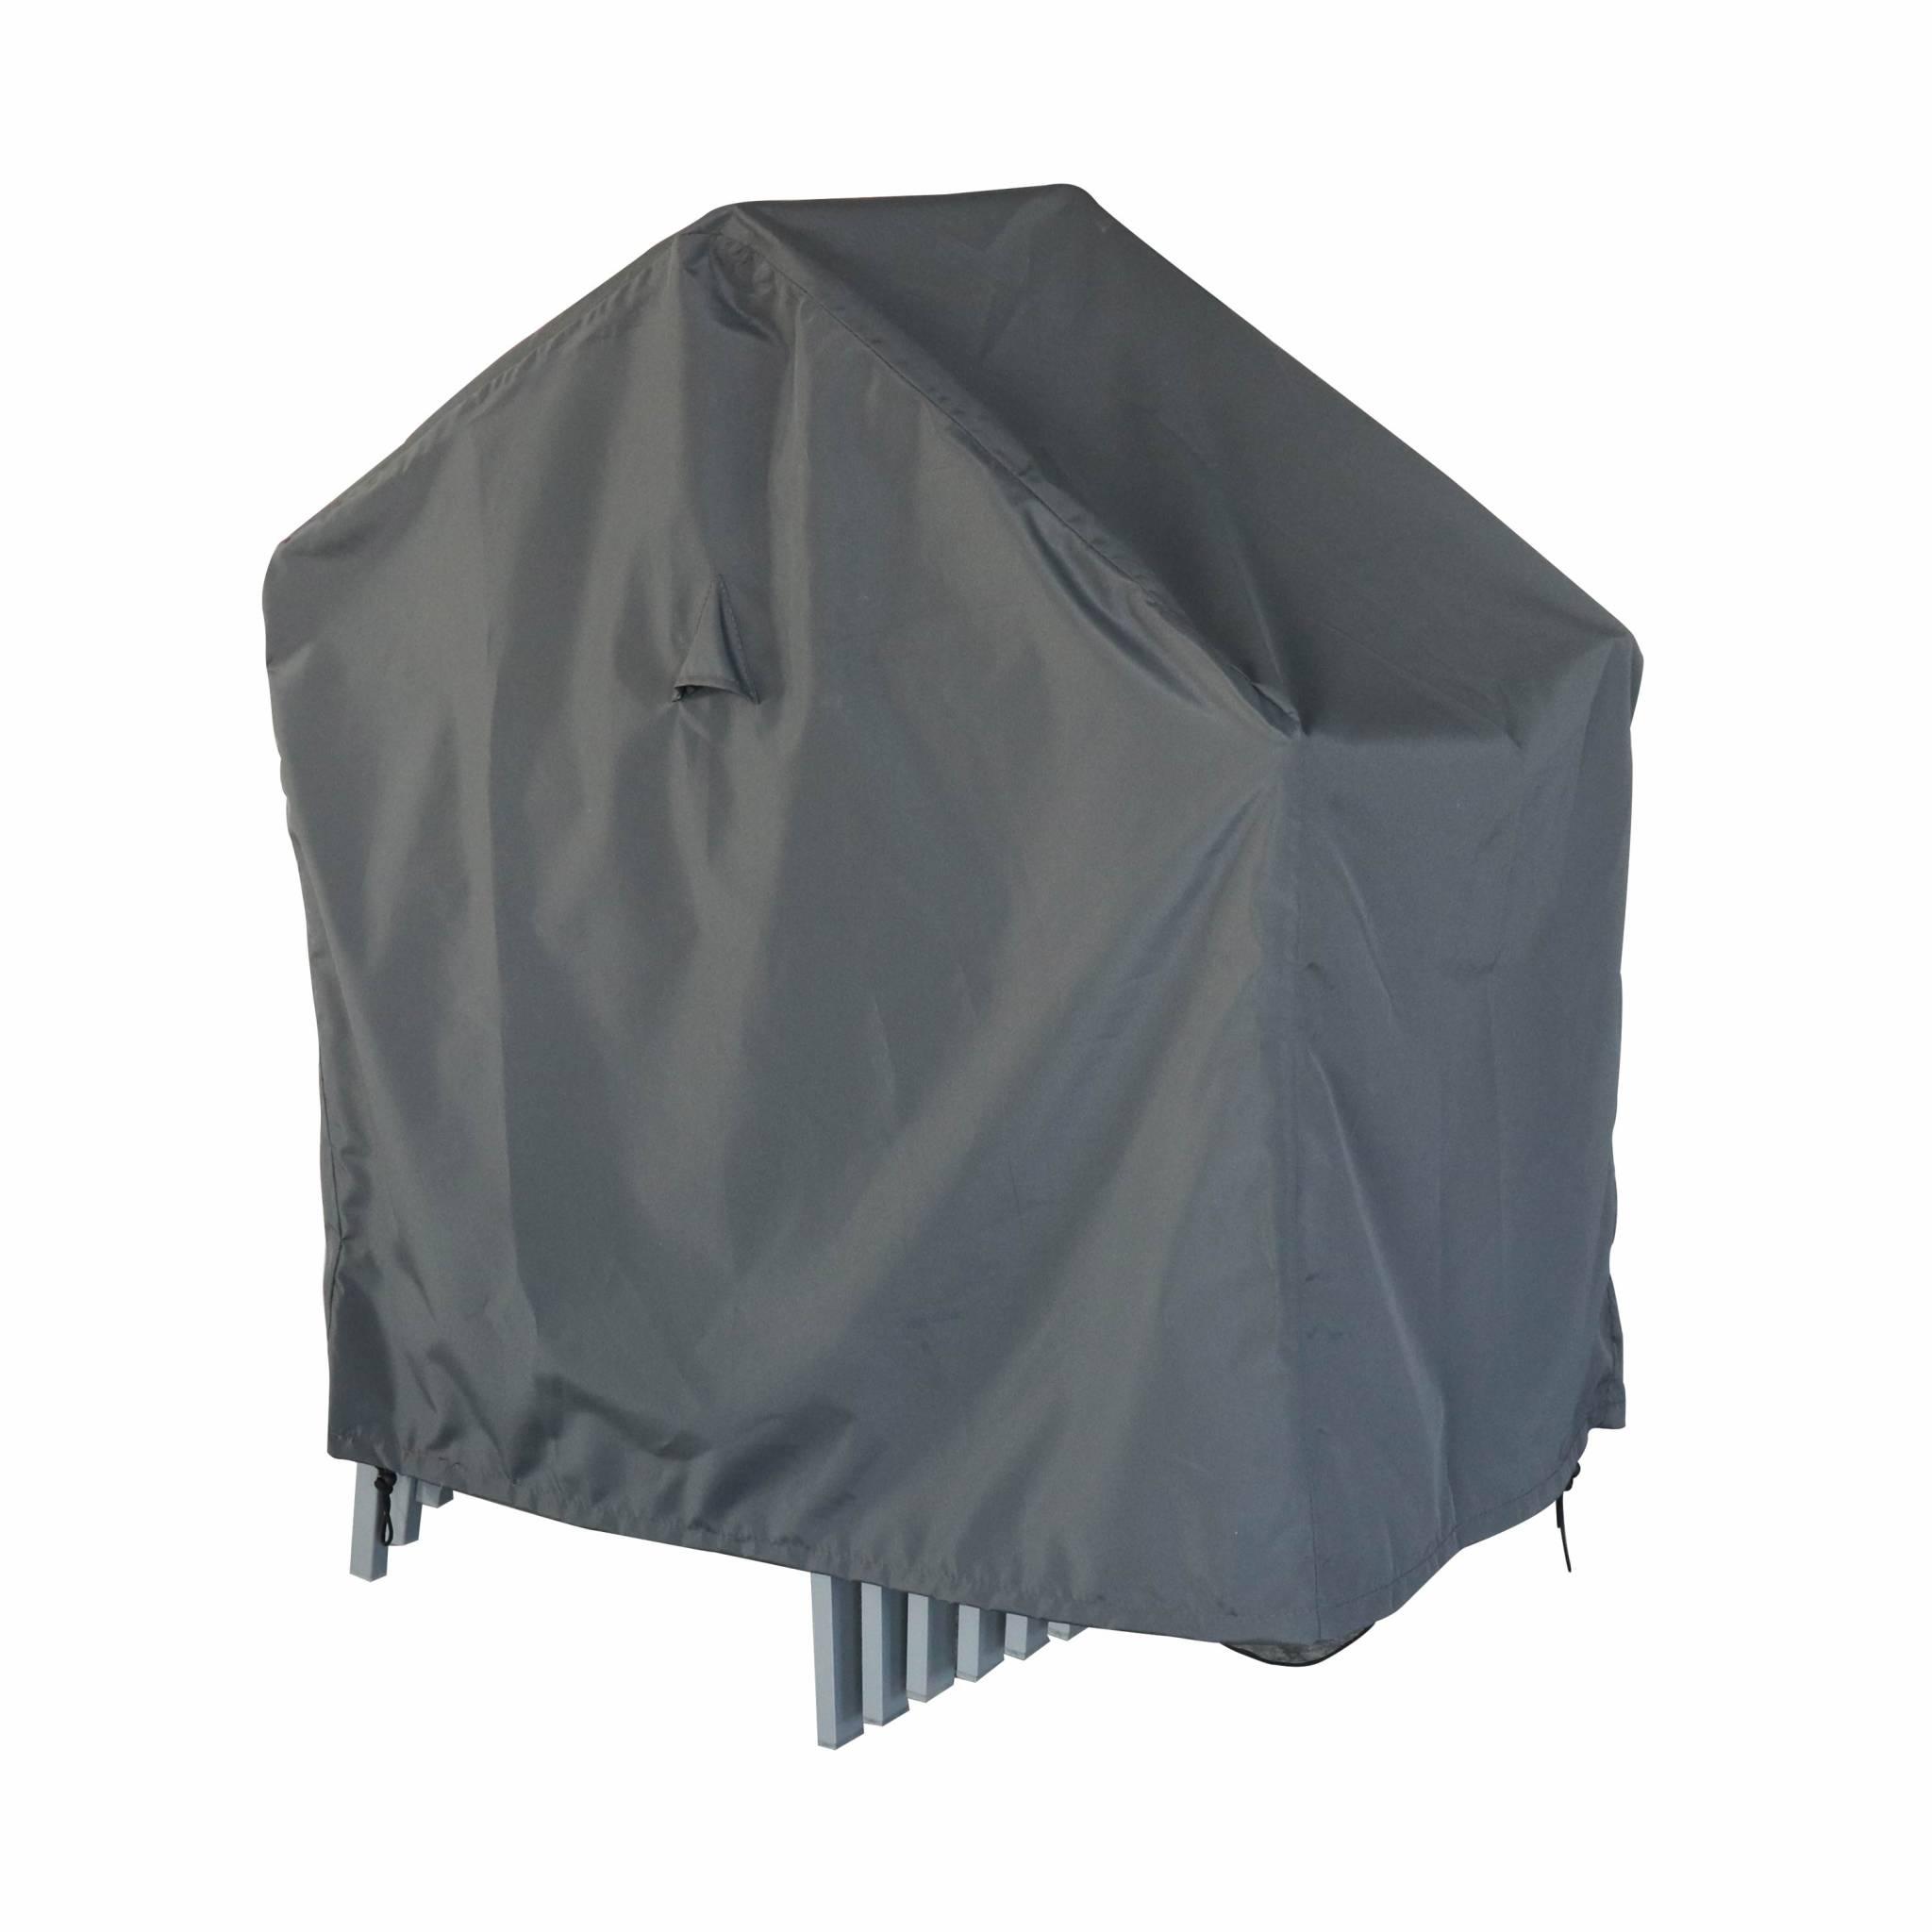 Housse de protection chaises et fauteuils de jardin imperméable